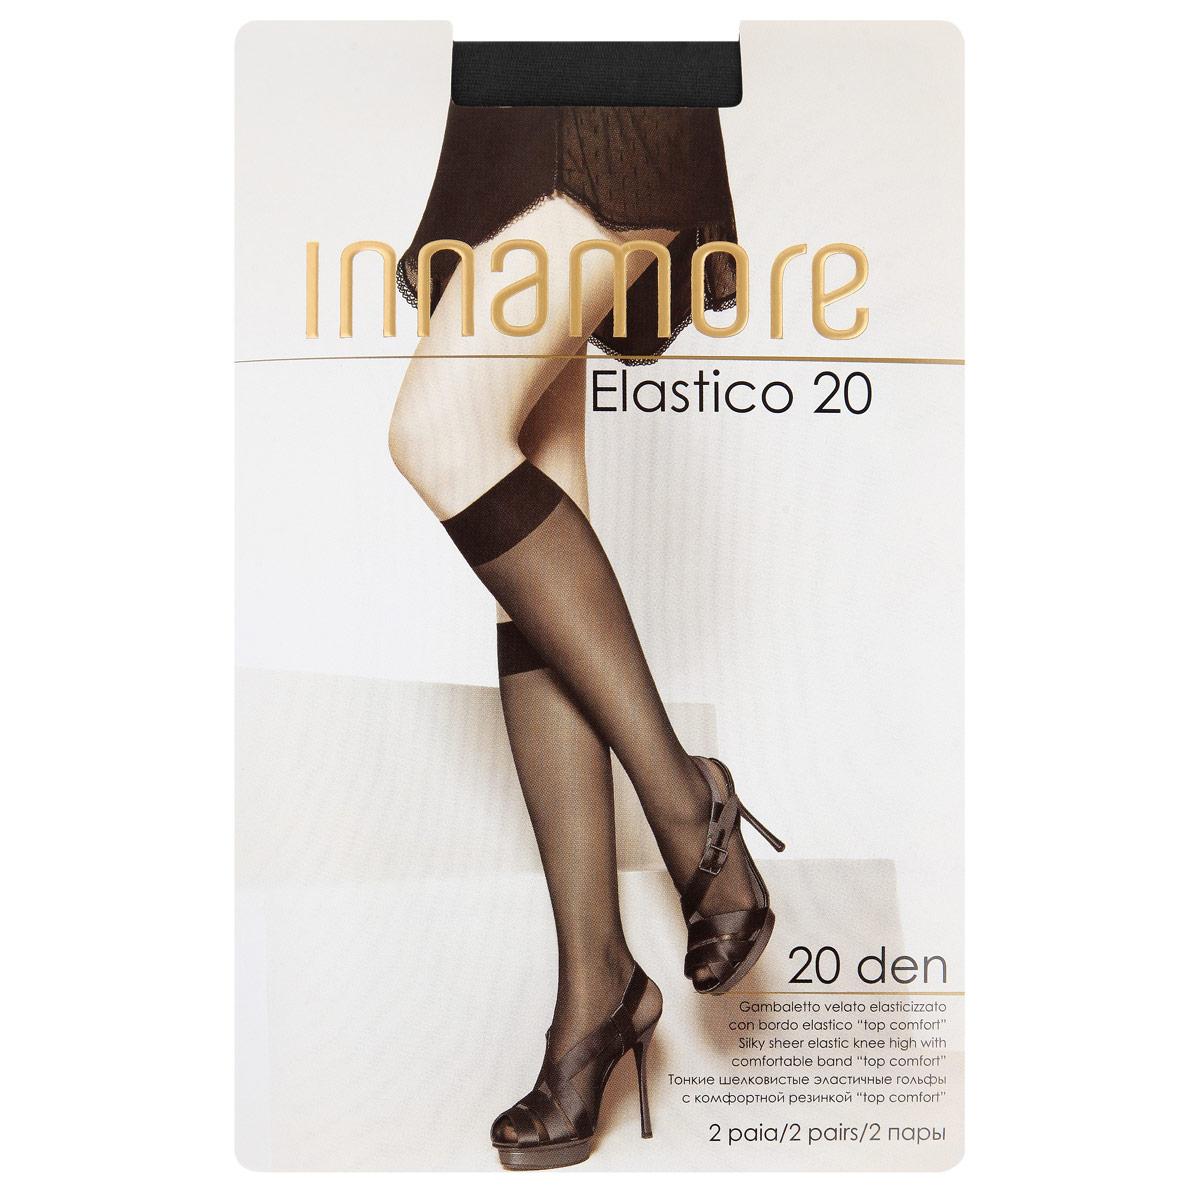 Гольфы женские Innamore Elastico 20, цвет: Nero (черный), 2 пары. Размер универсальныйElastico 20 lycraТонкие шелковистые эластичные гольфы плотностью 20 ден, с комфортной резинкой Top comfort и прозрачным укрепленным мыском.